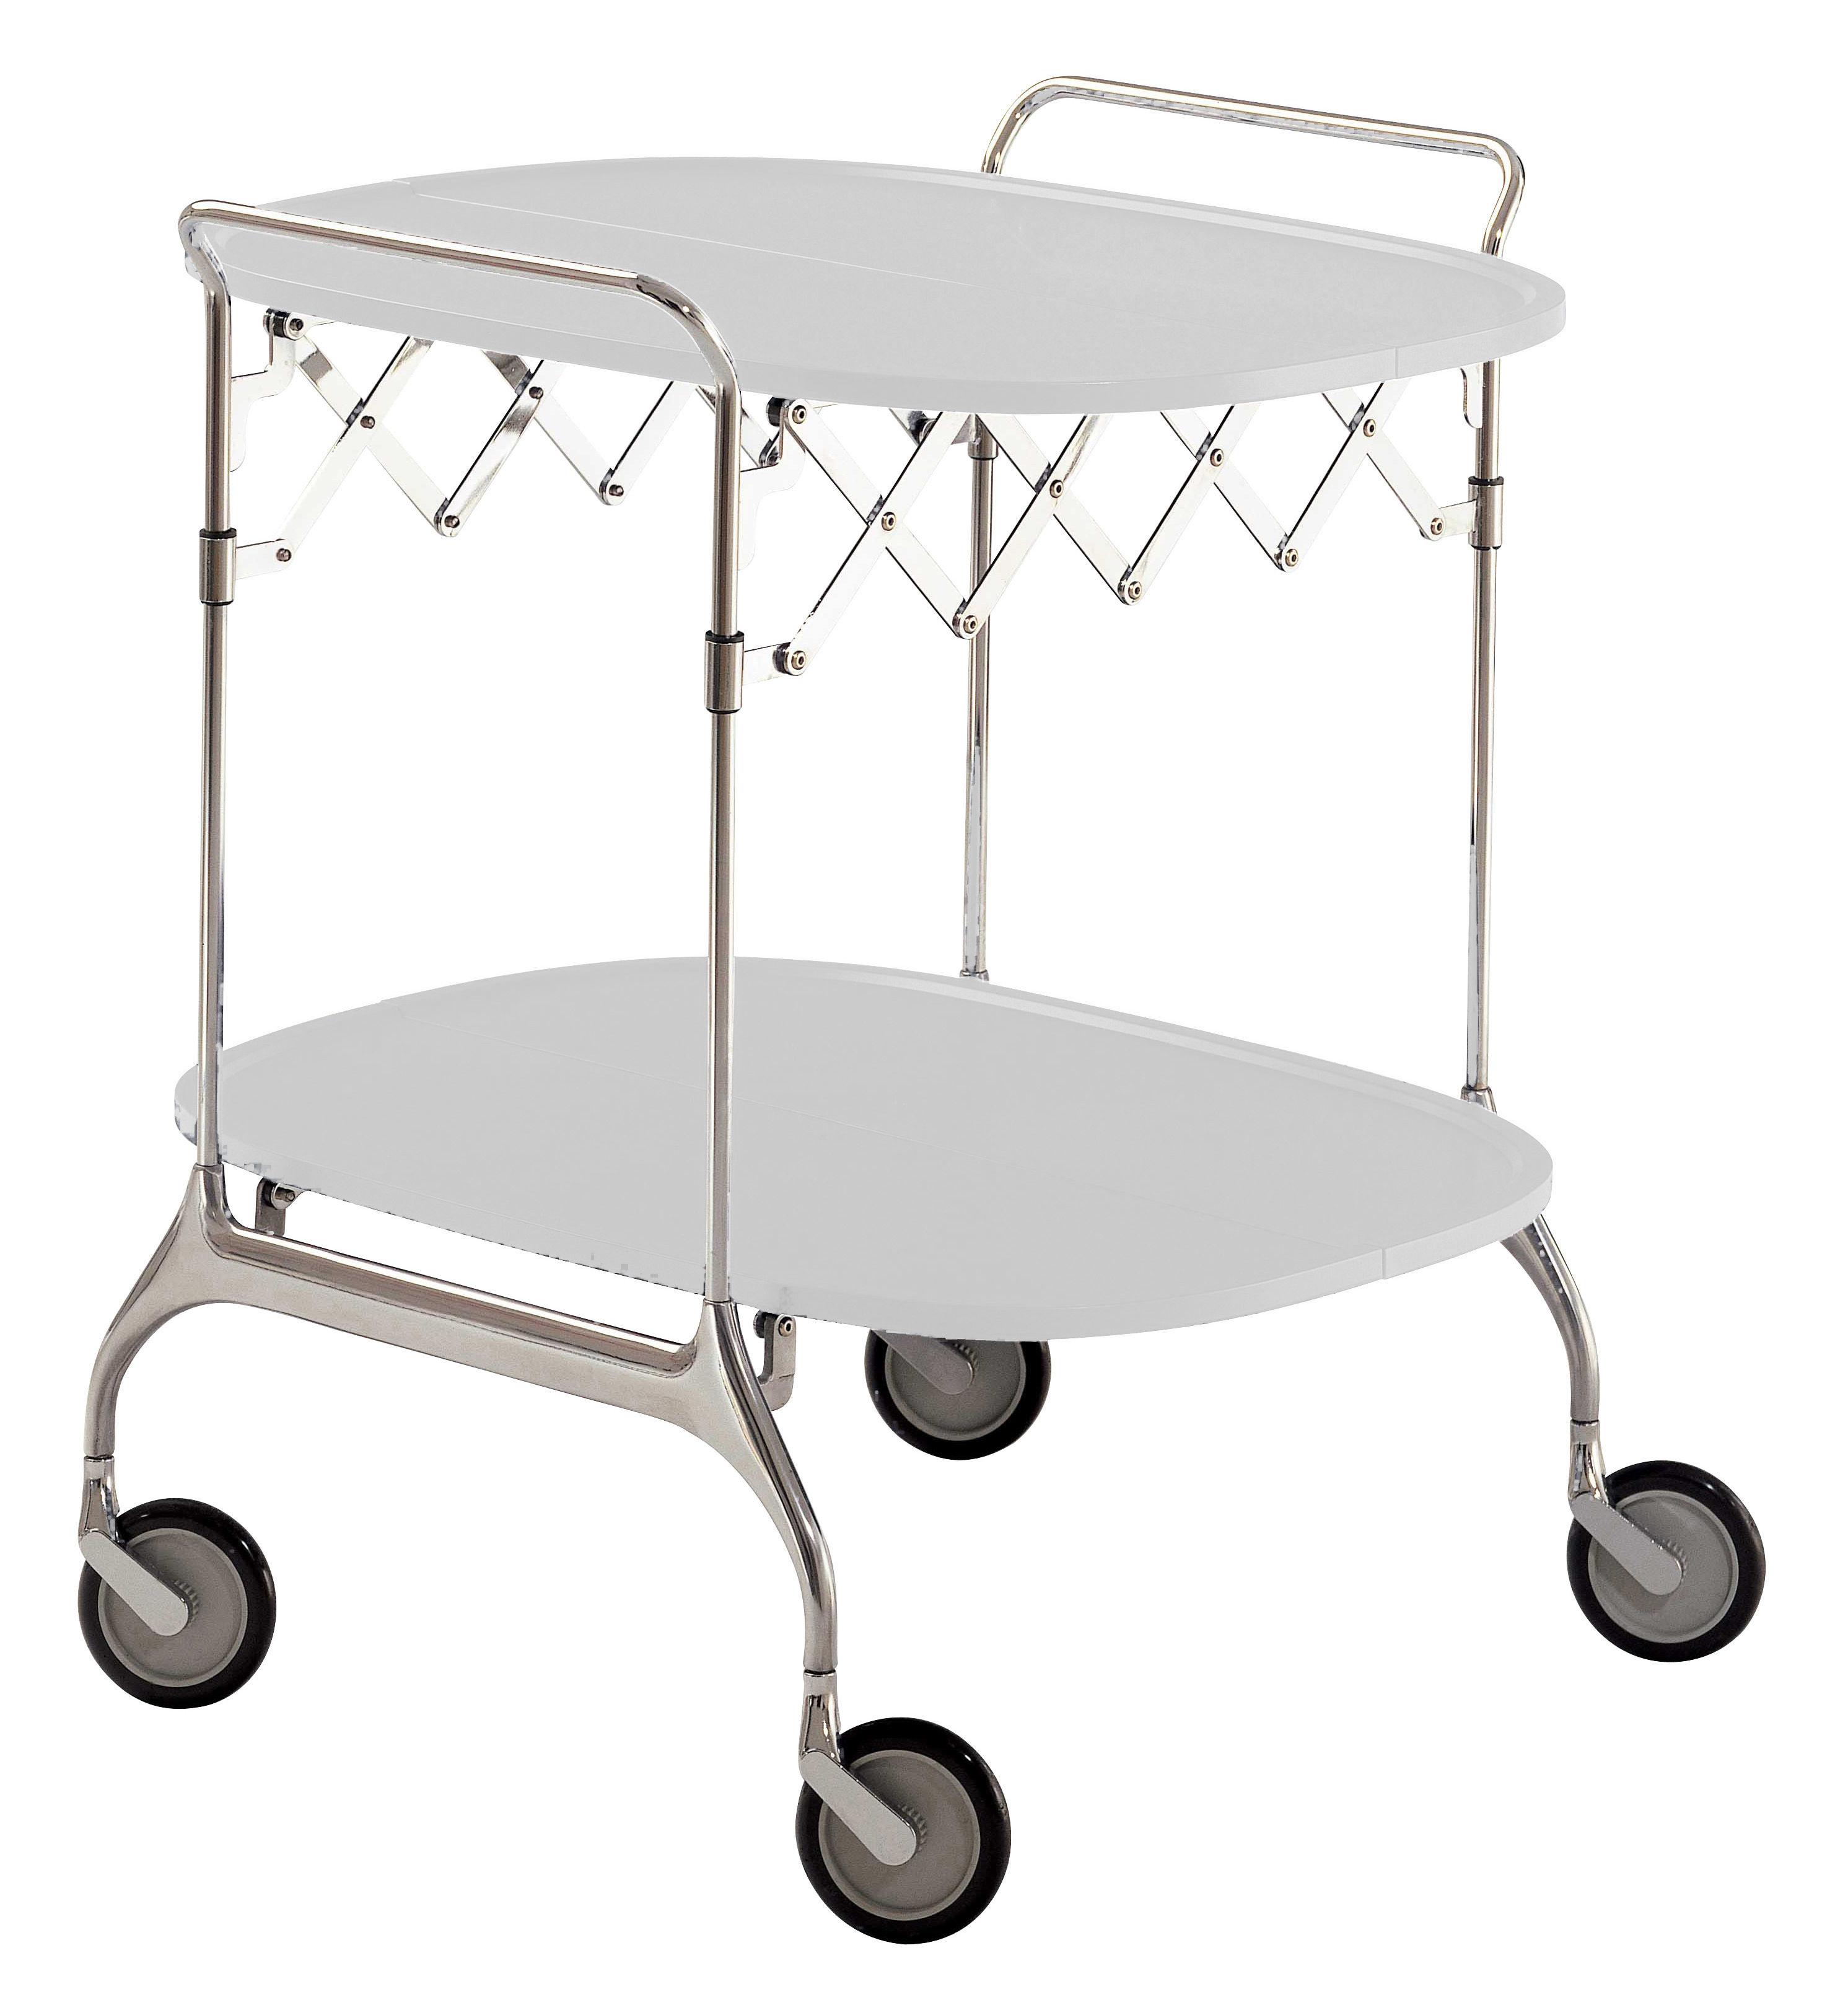 Mobilier - Compléments d'ameublement - Desserte Gastone / Pliable - 68 x 62 cm - Kartell - Blanc brillant / Structure chromée - Acier chromé, Nylon chagé de fibre de verre